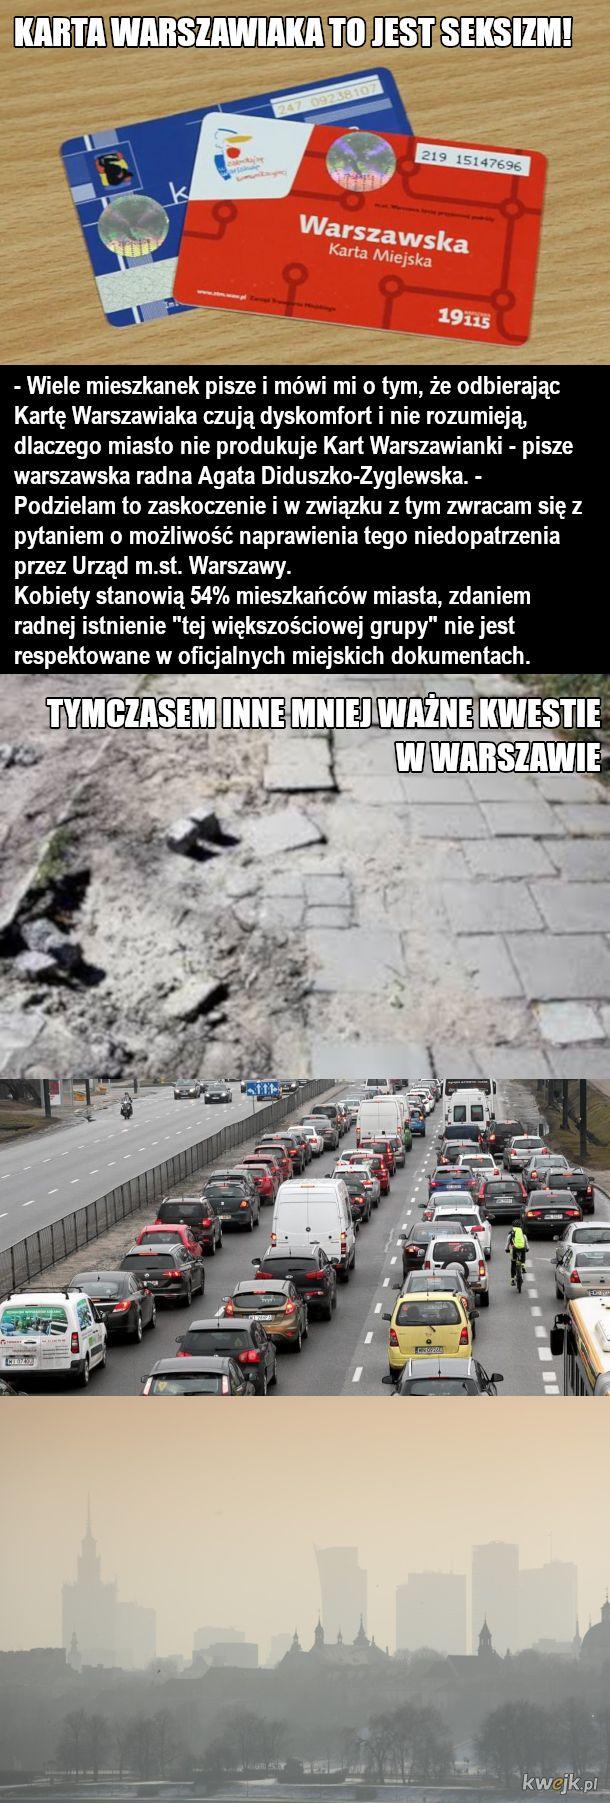 Problemy Warszawy